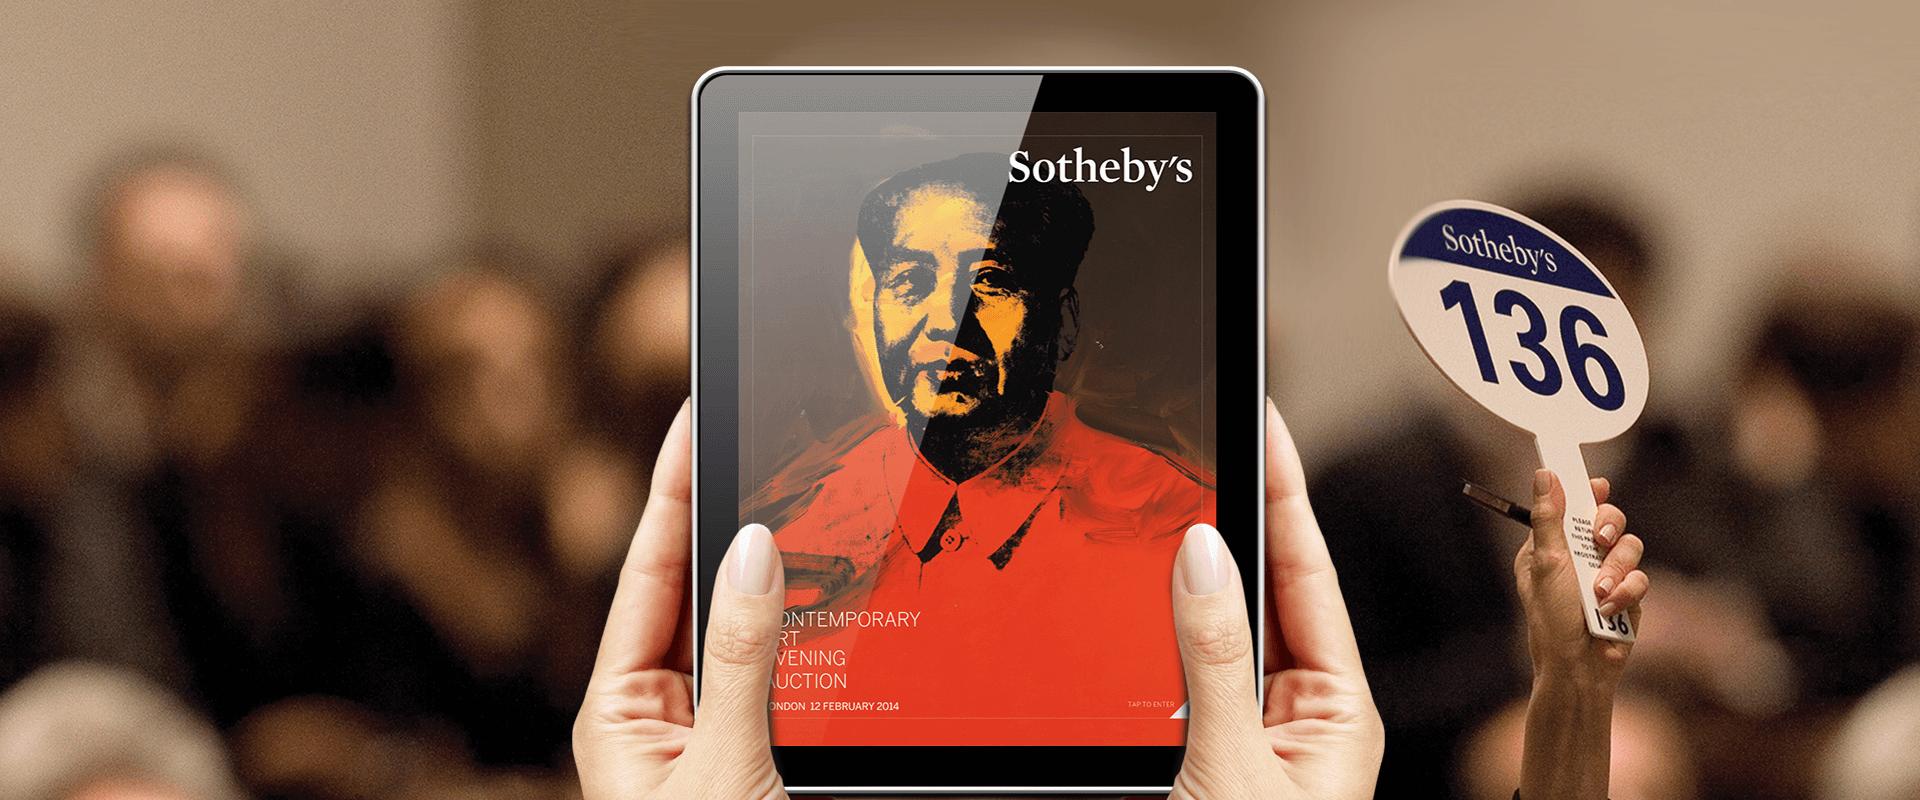 SothebysHeader